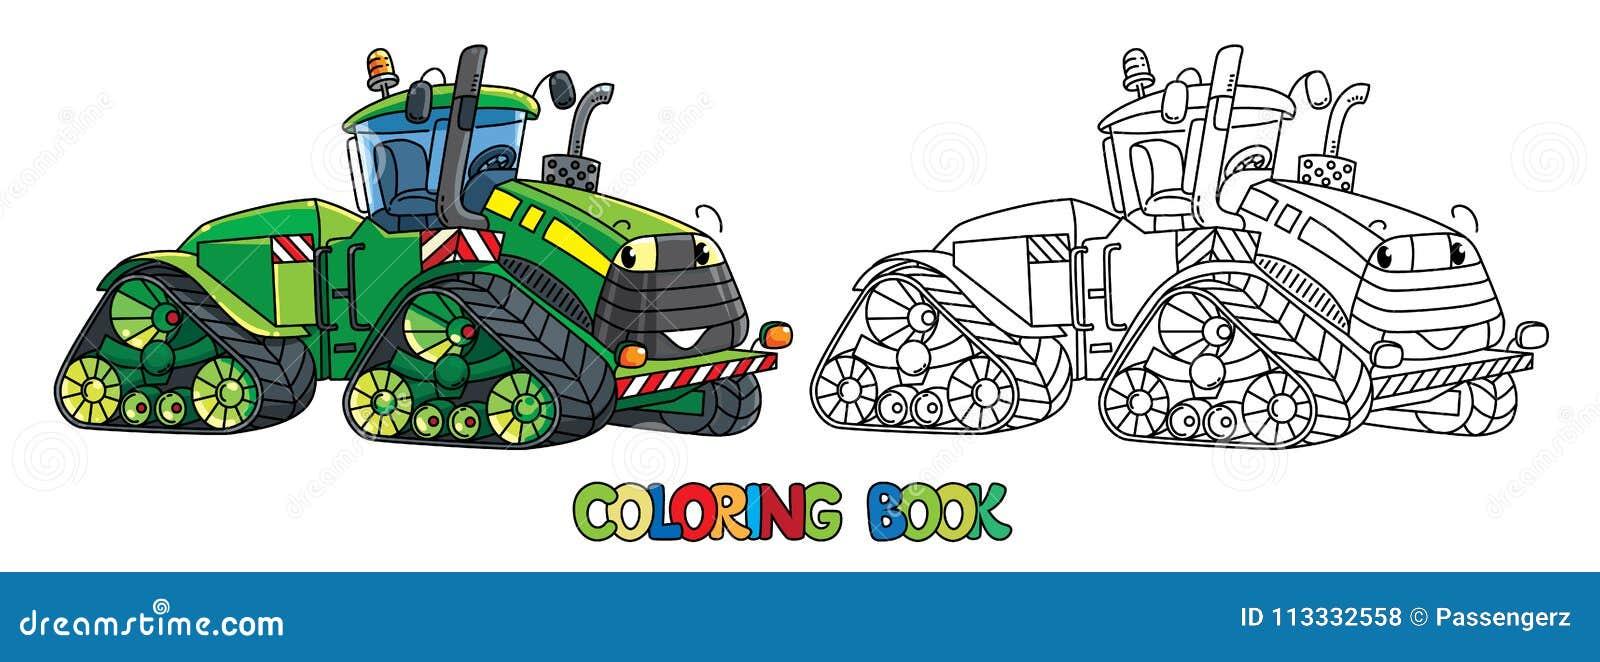 Tractor Grande Divertido Con Los Ojos Libro De Colorante Ilustración ...